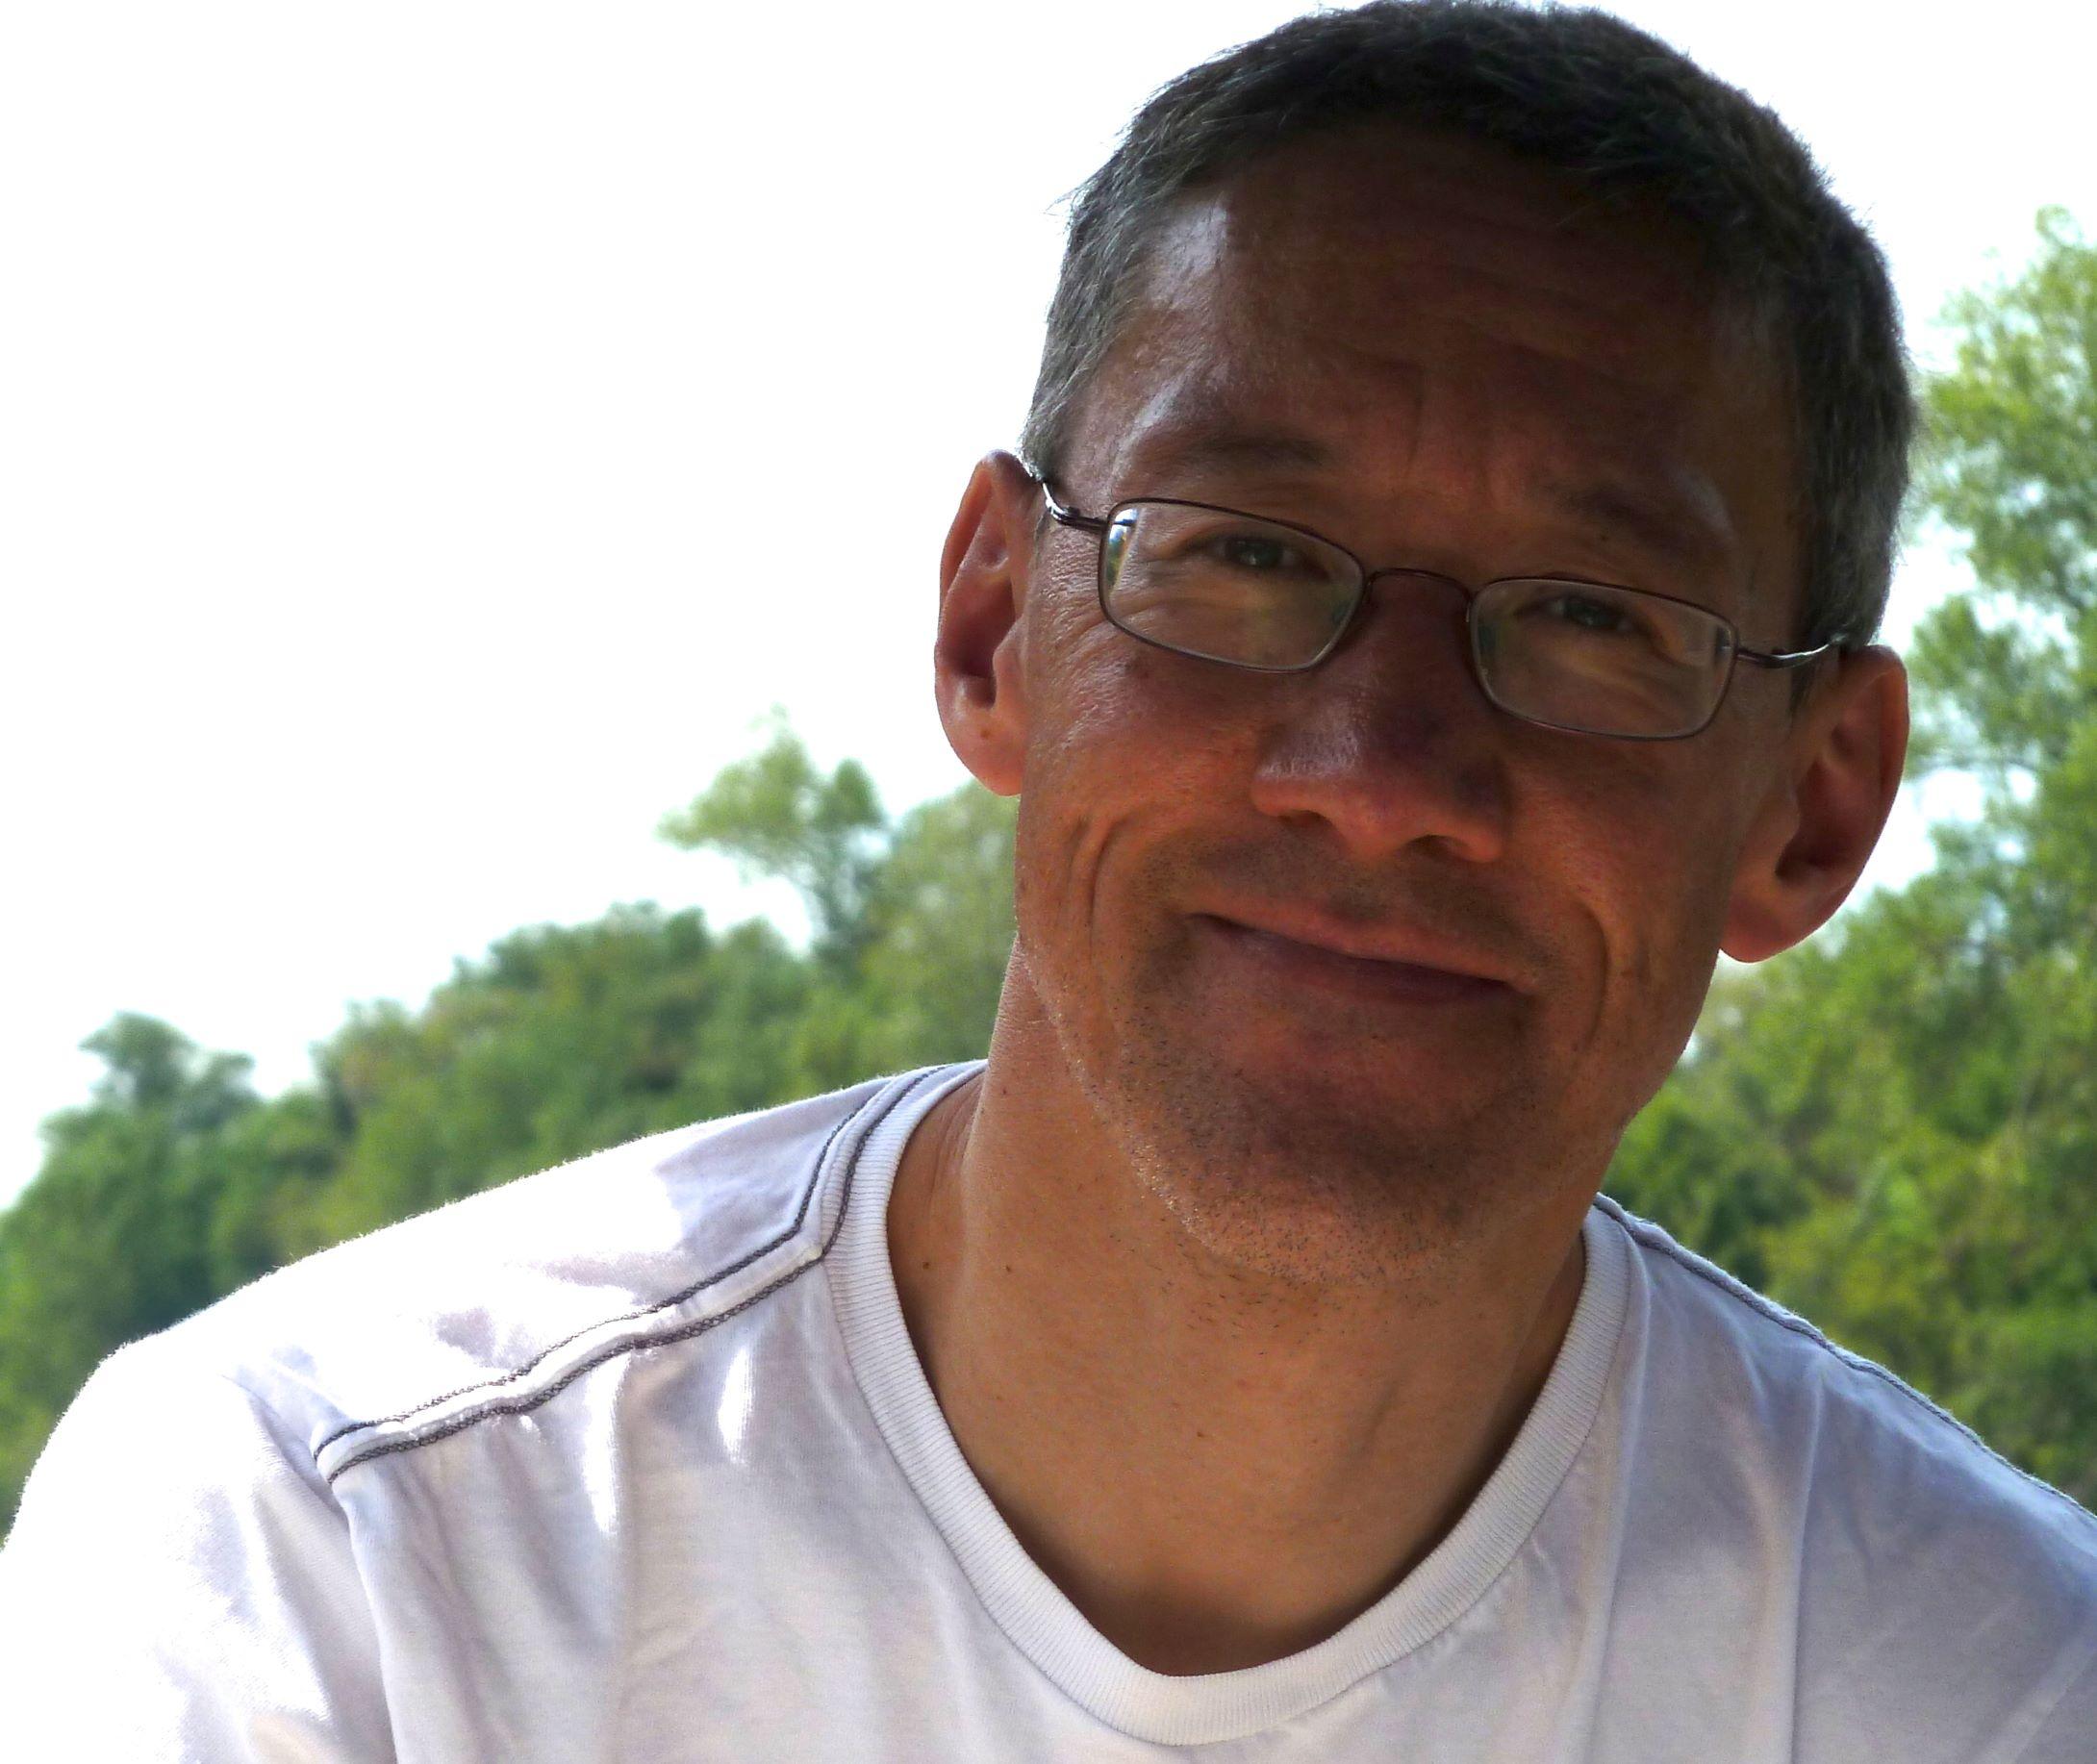 Professor Michael Mendl